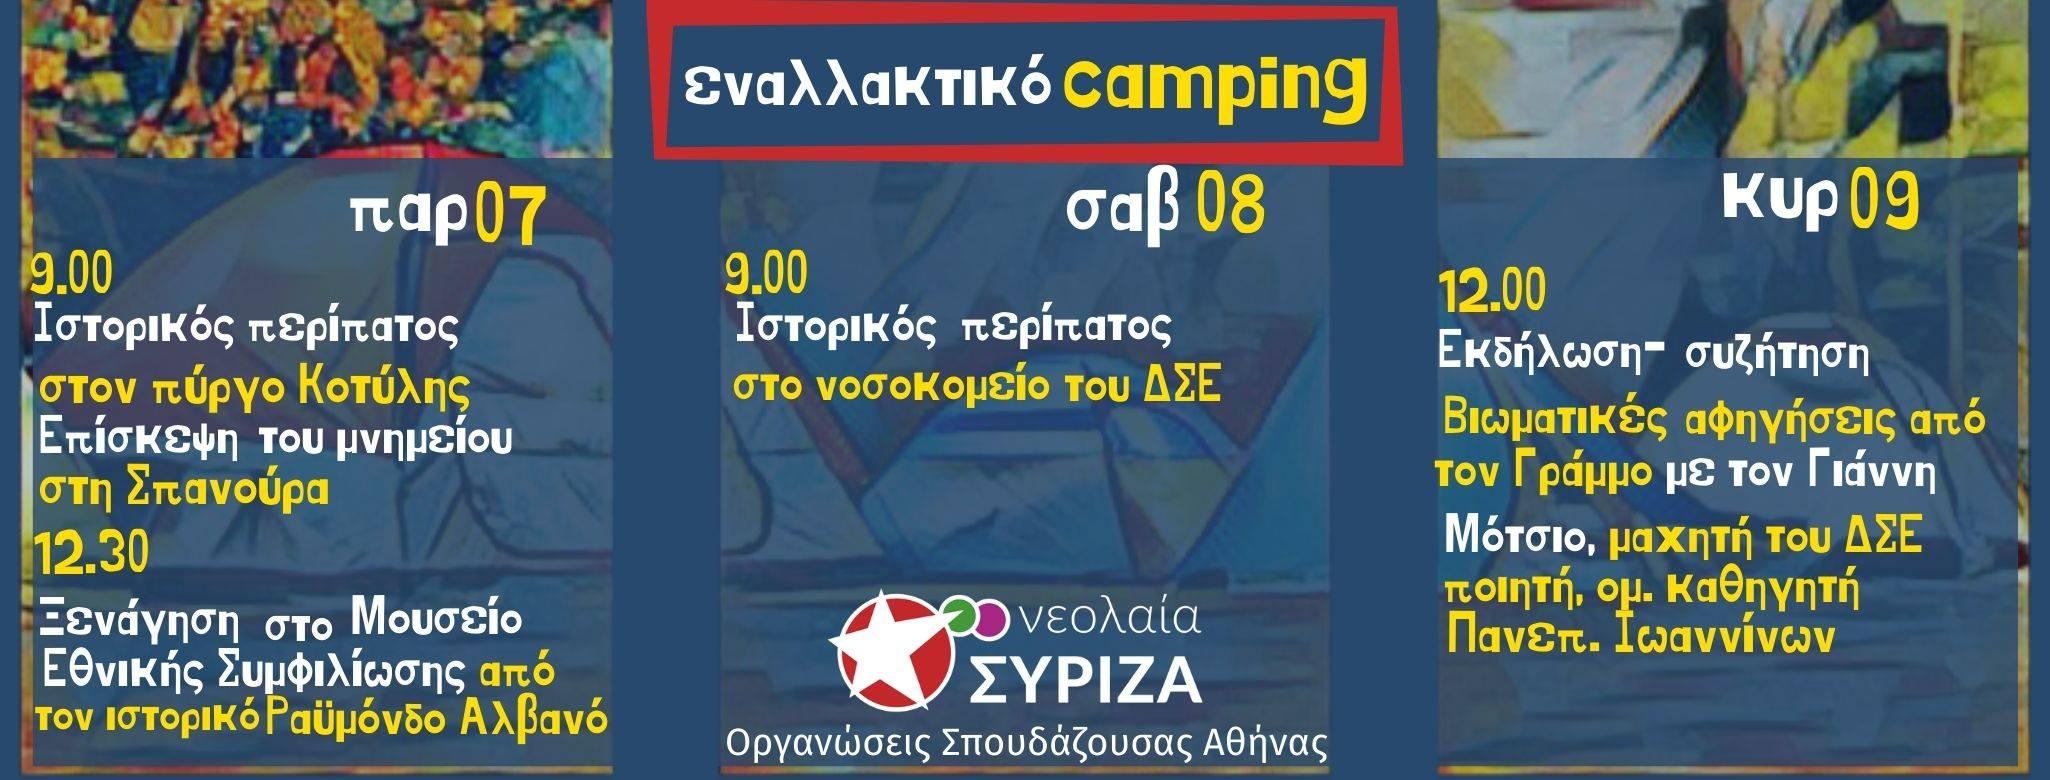 camping-ston-grammo-programmatizei-i-neolaia-toy-syriza1